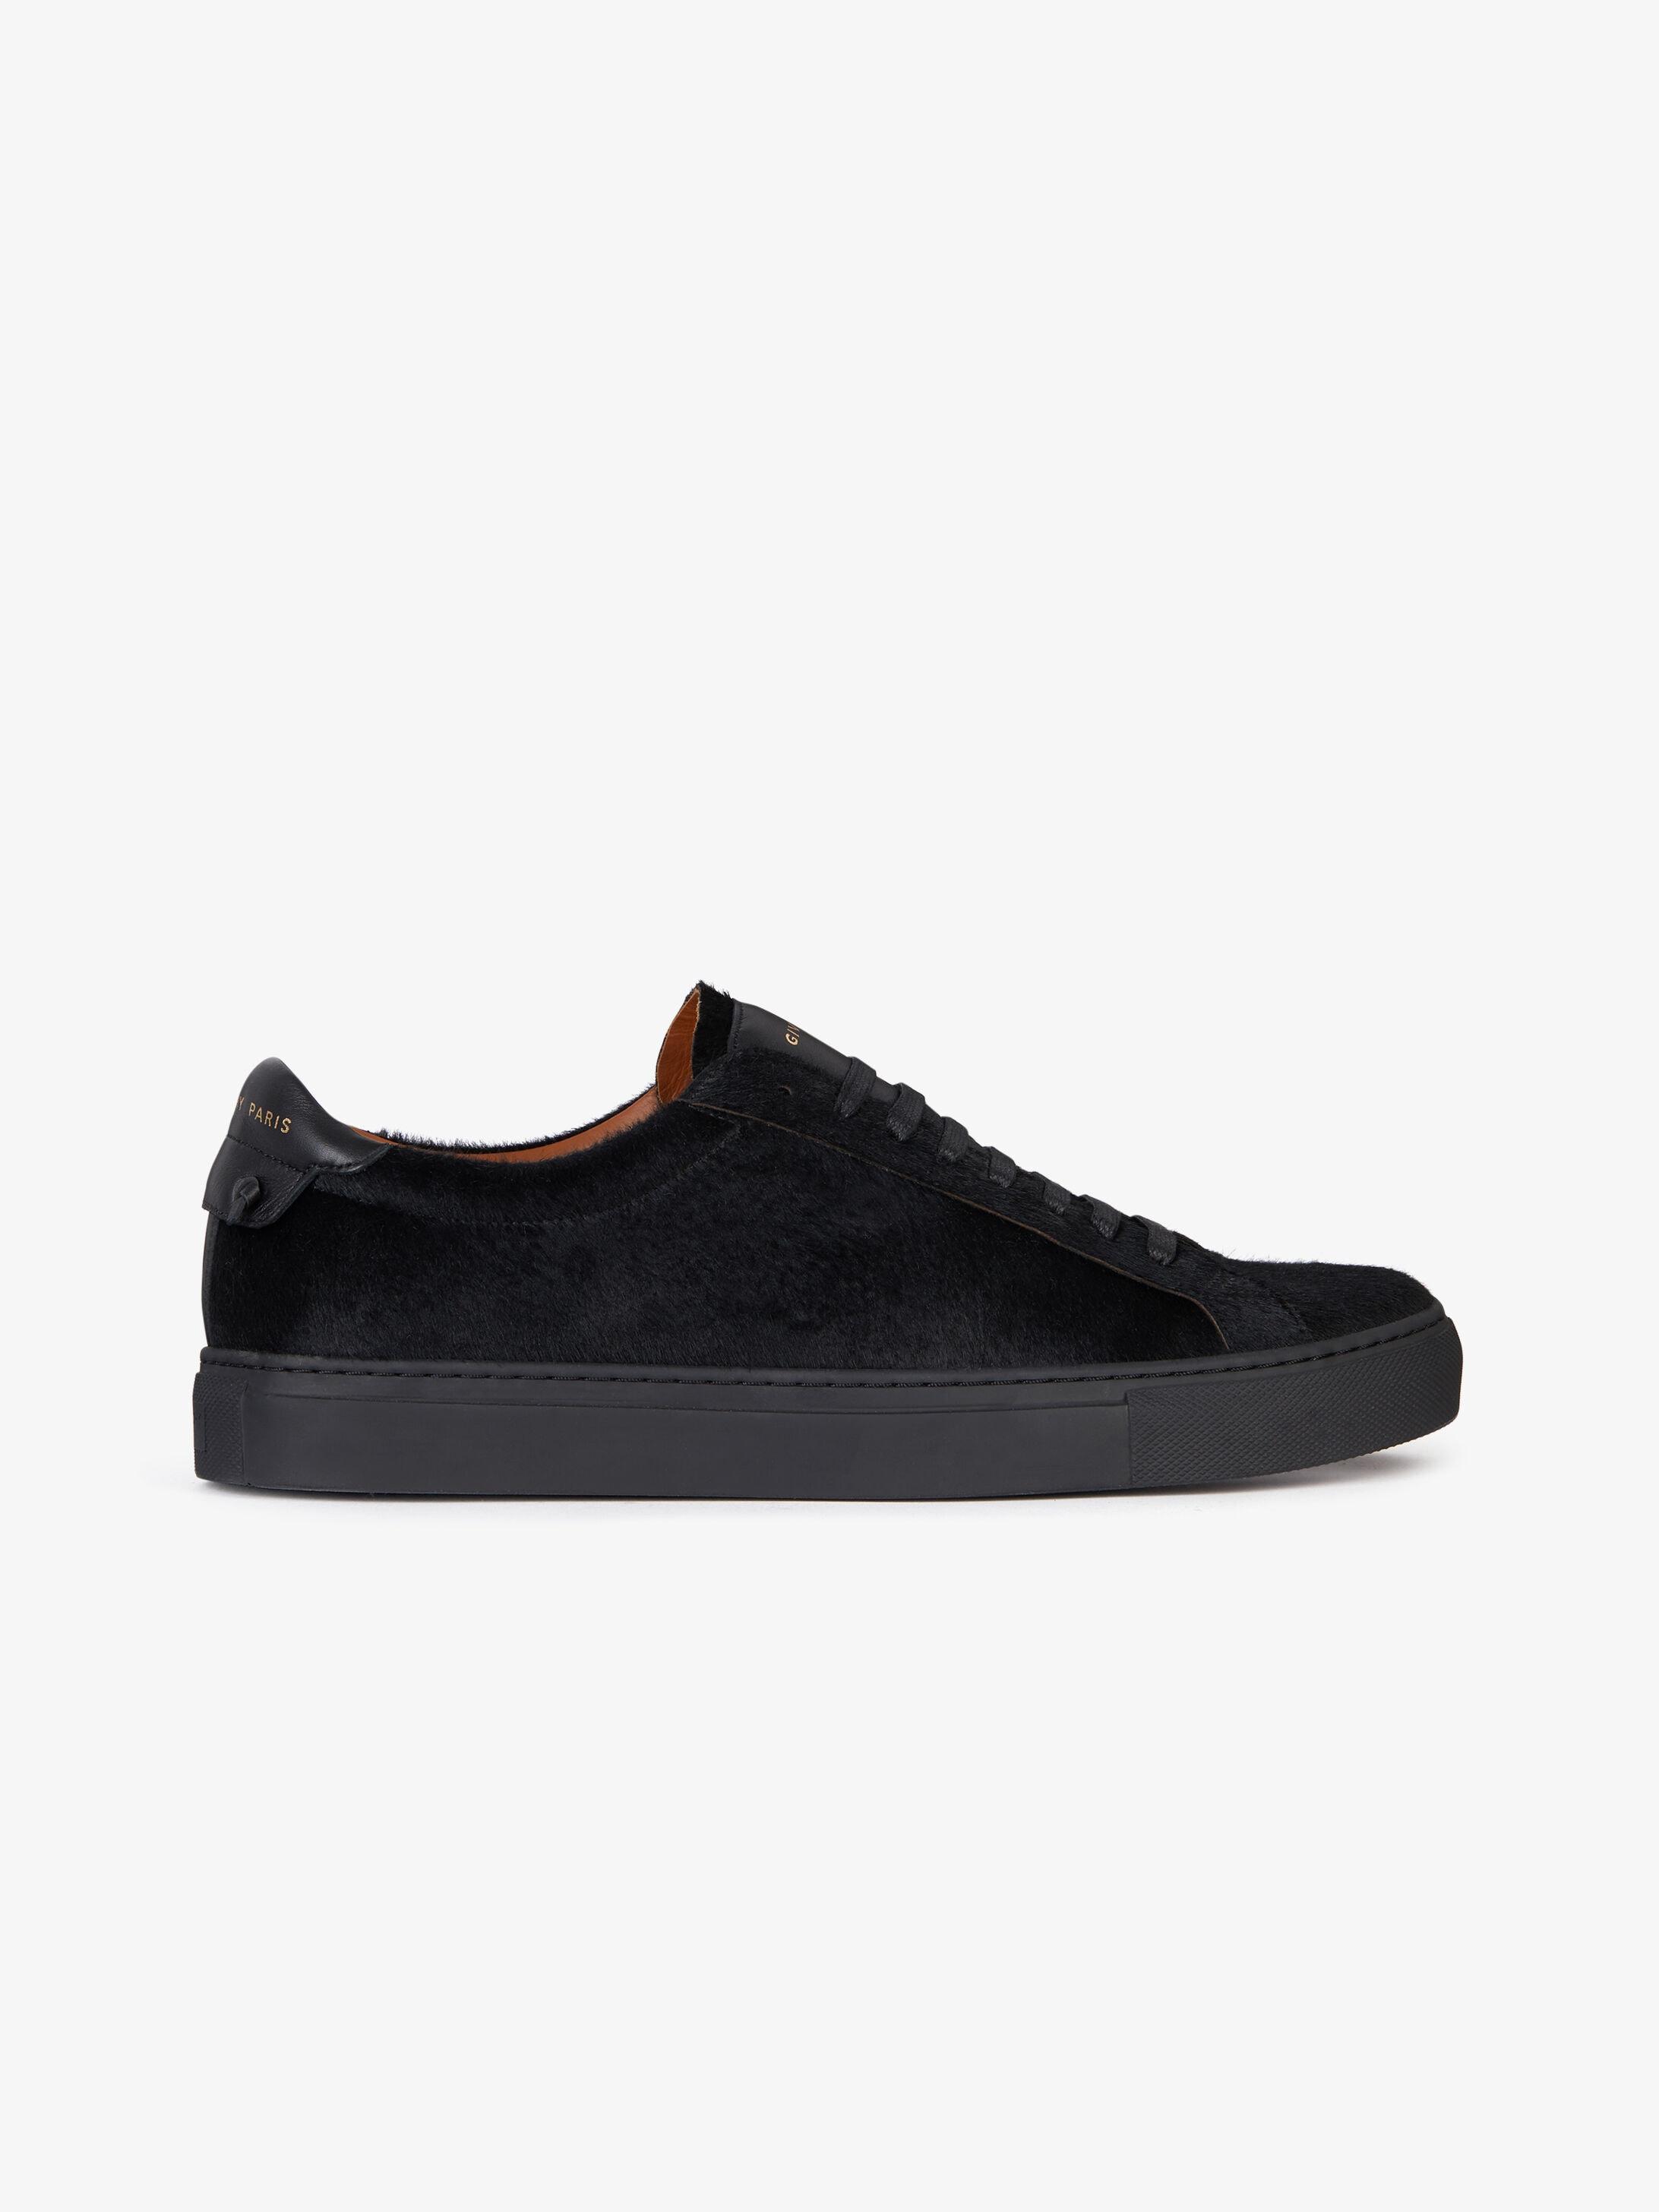 La GivenchyGivenchy Paris Collection Sneakers Par Homme wP8nkZNOX0